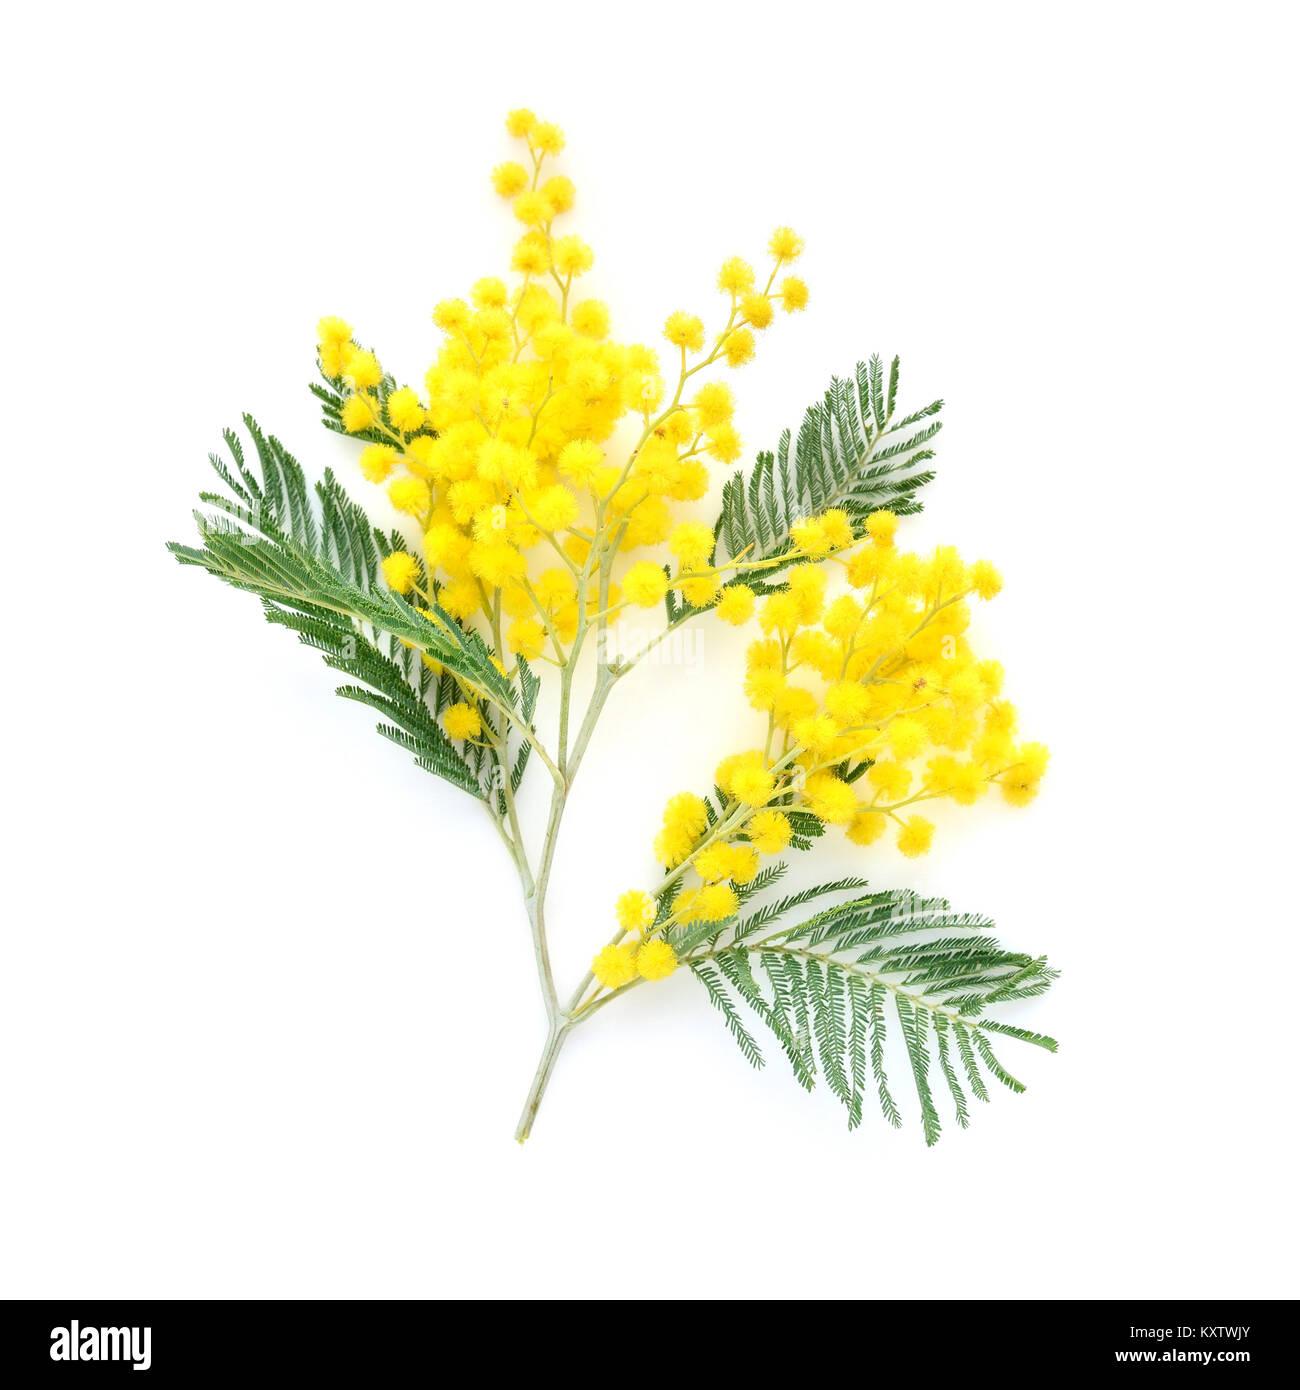 La Mimosa (argento graticcio) ramo isolato su sfondo bianco Immagini Stock f44f406aa003